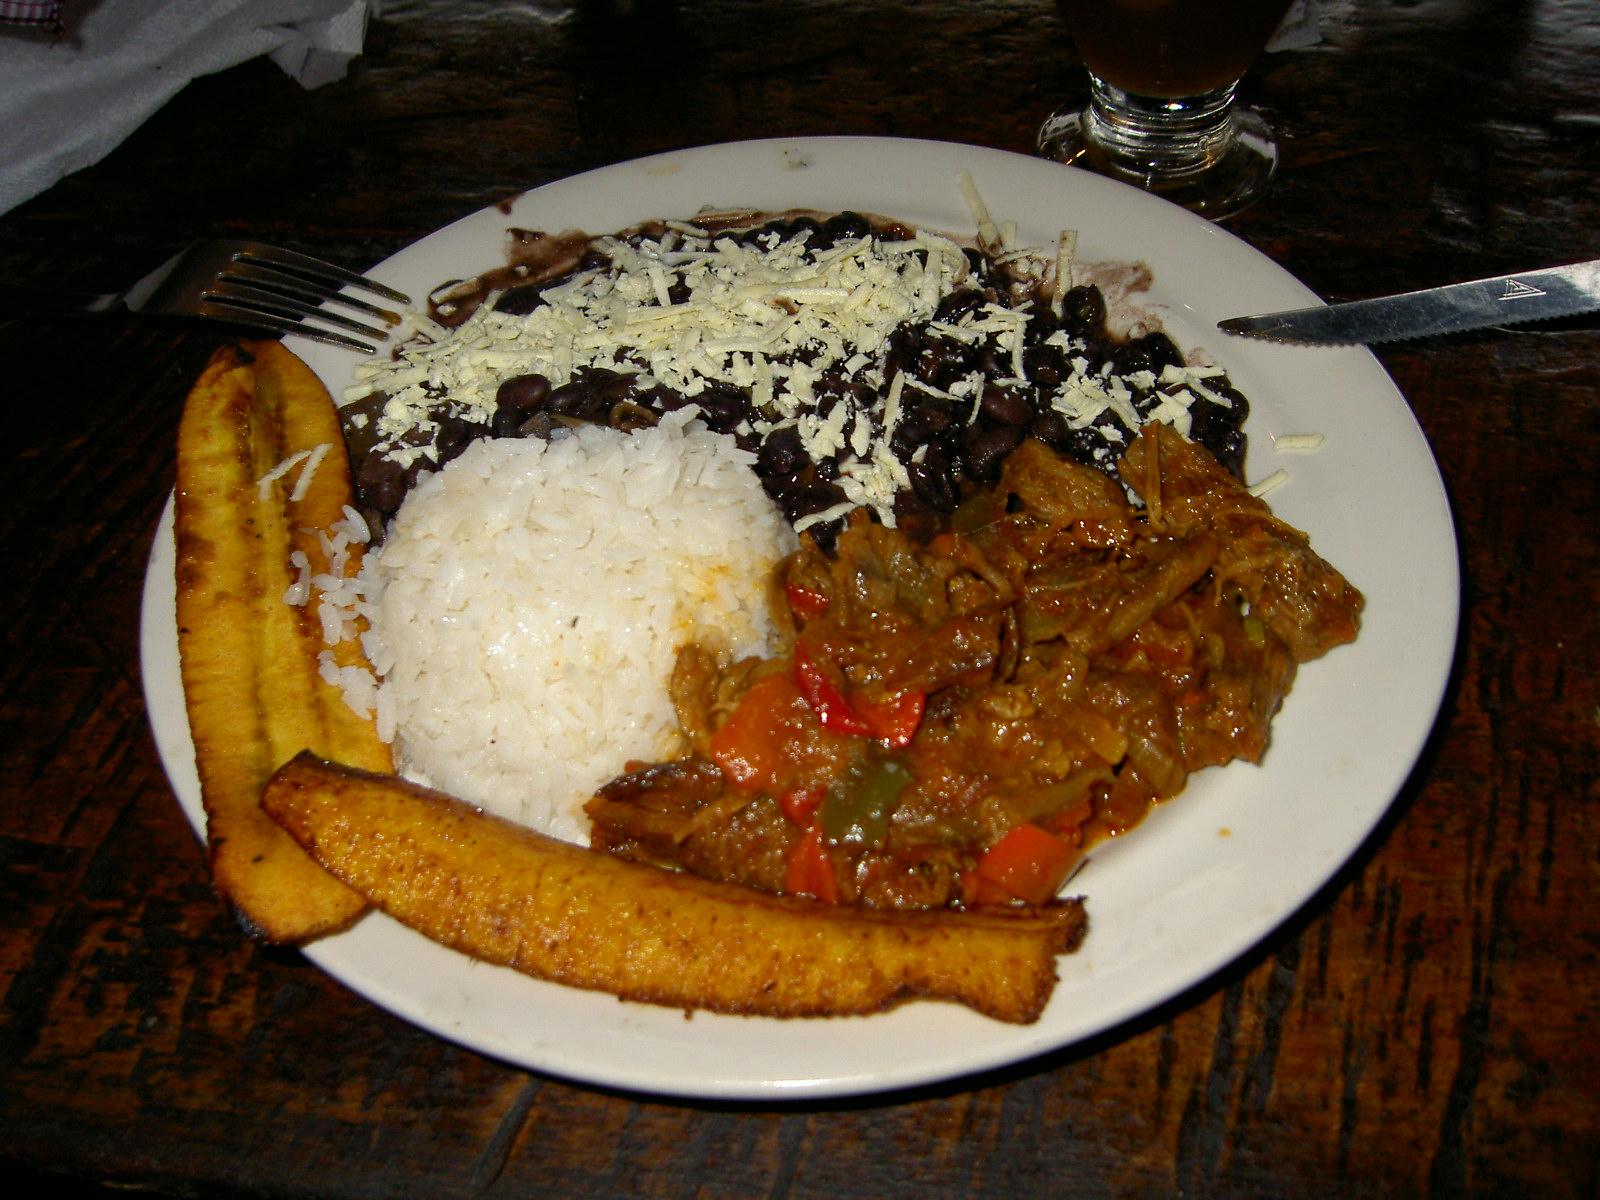 Venezuela comida t pica for American cuisine wikipedia